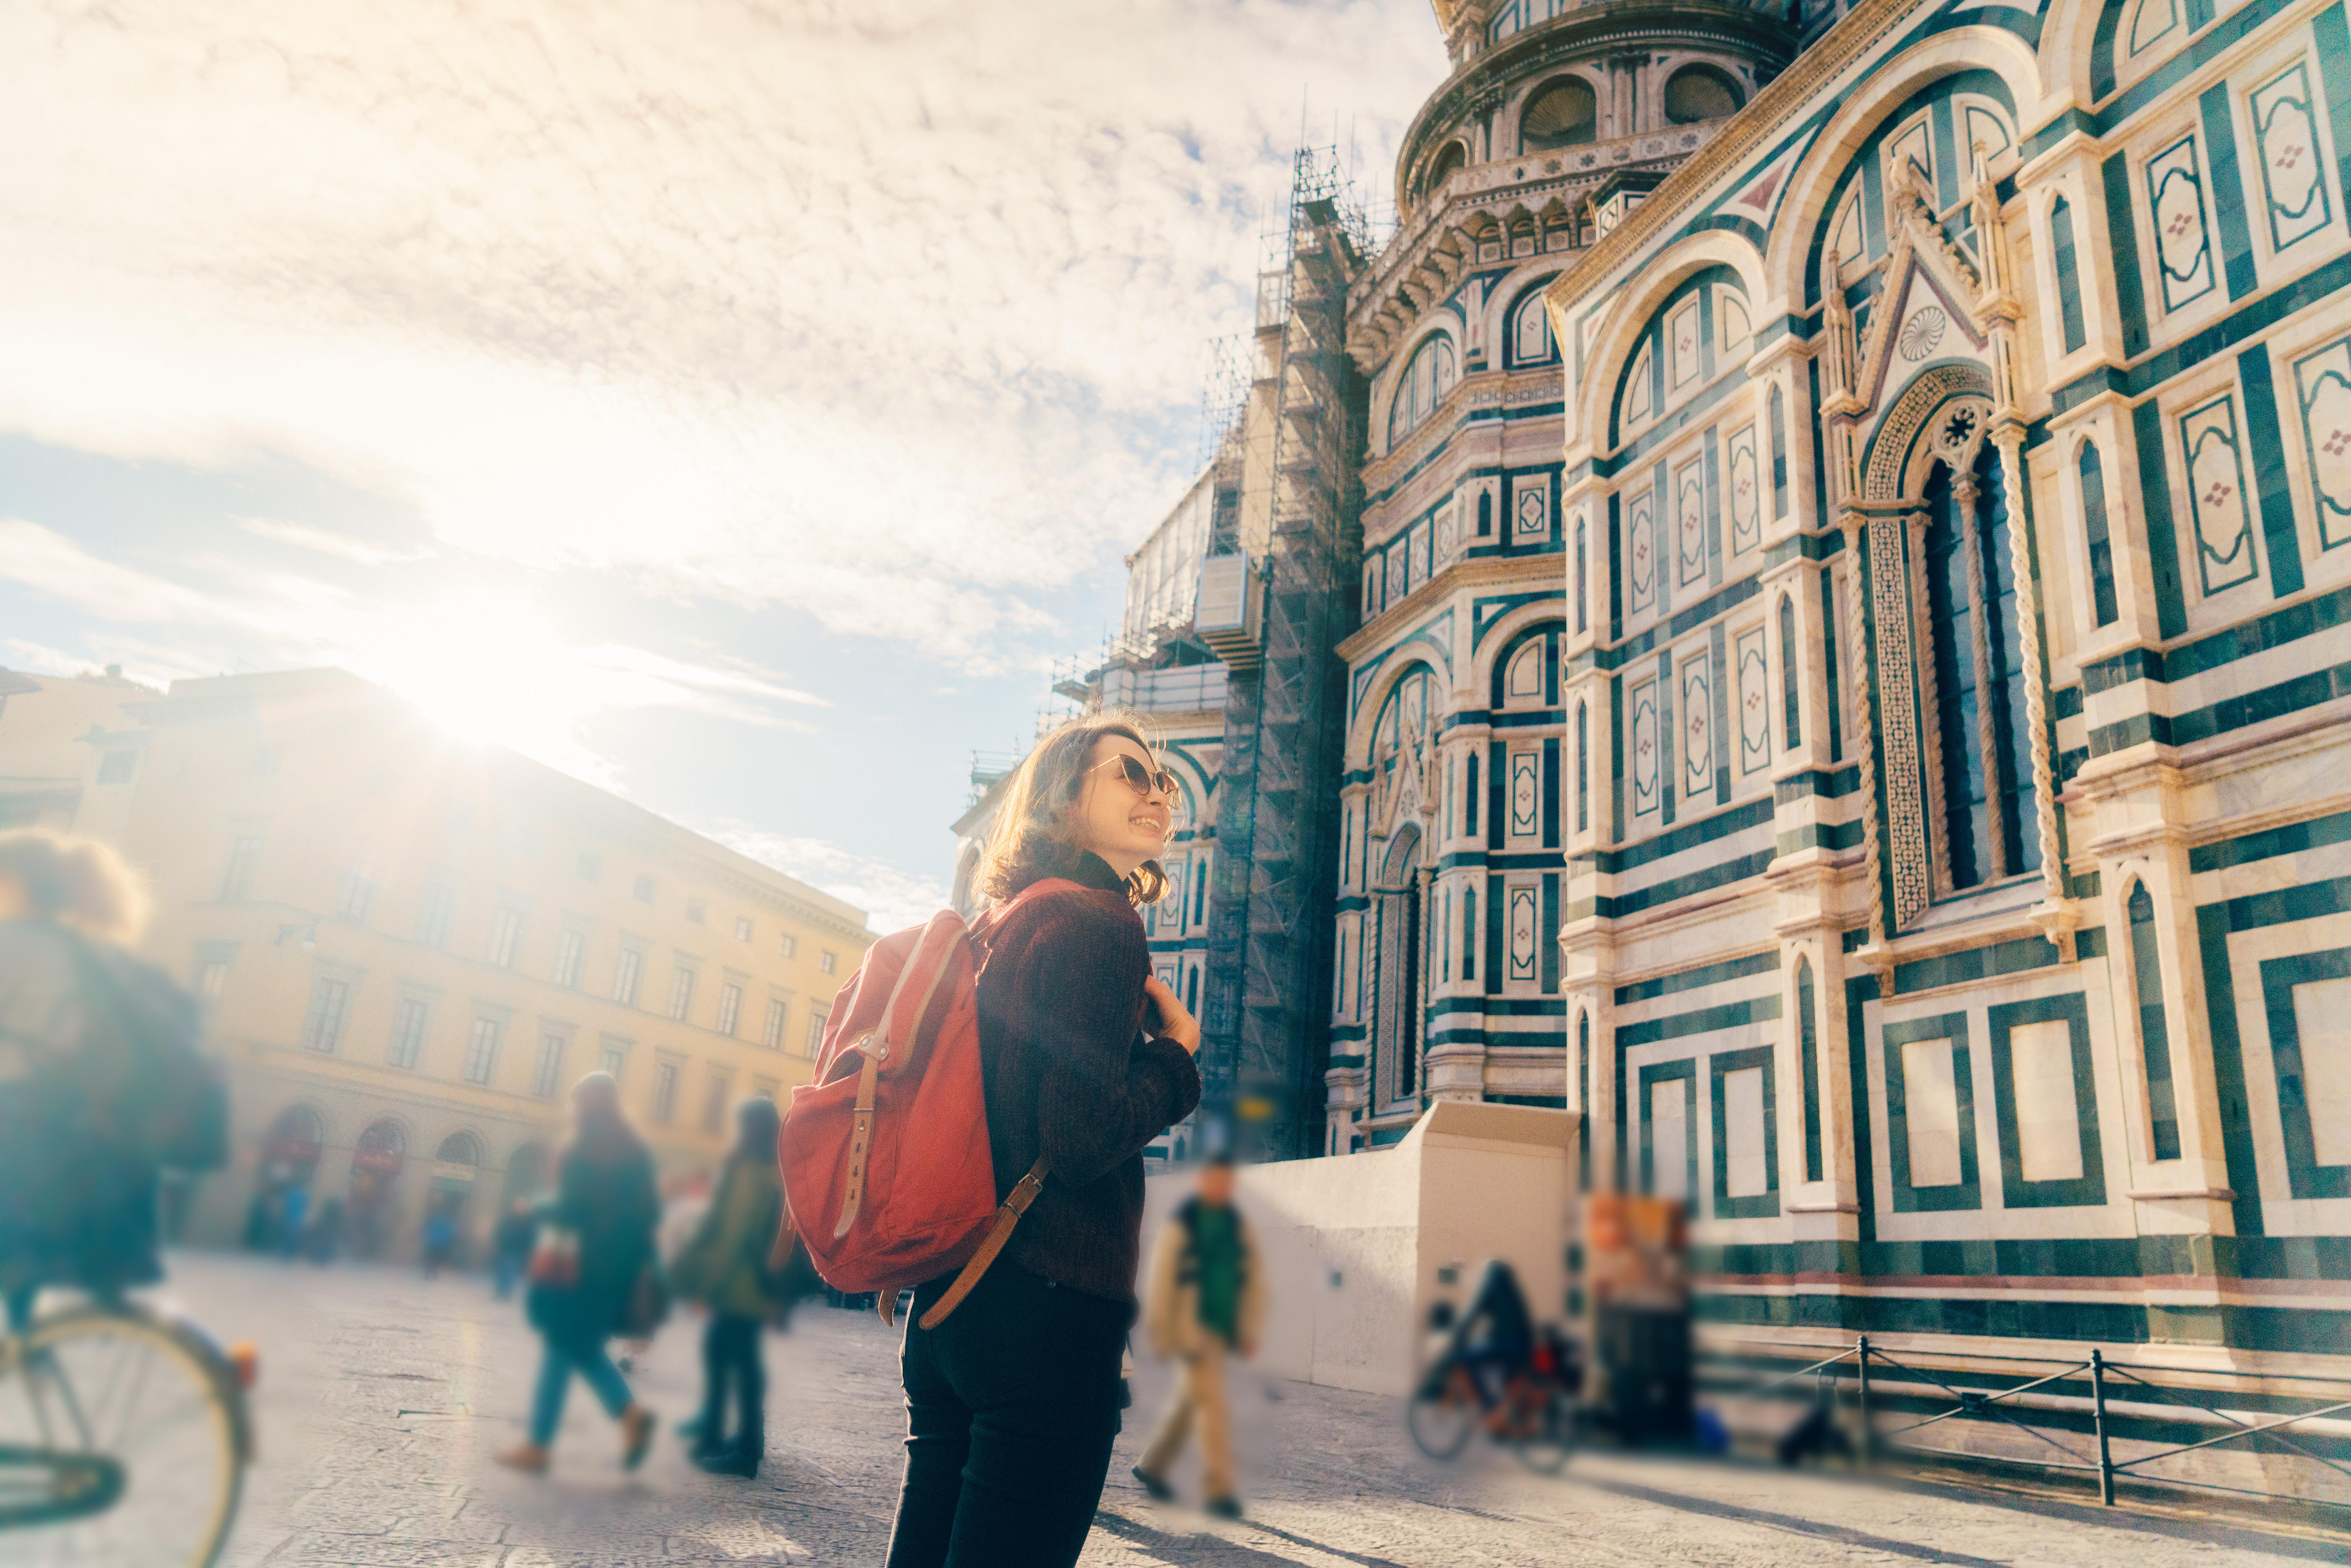 De compras por la creativa y artística Florencia - Italia Circuito Lo mejor de la Toscana